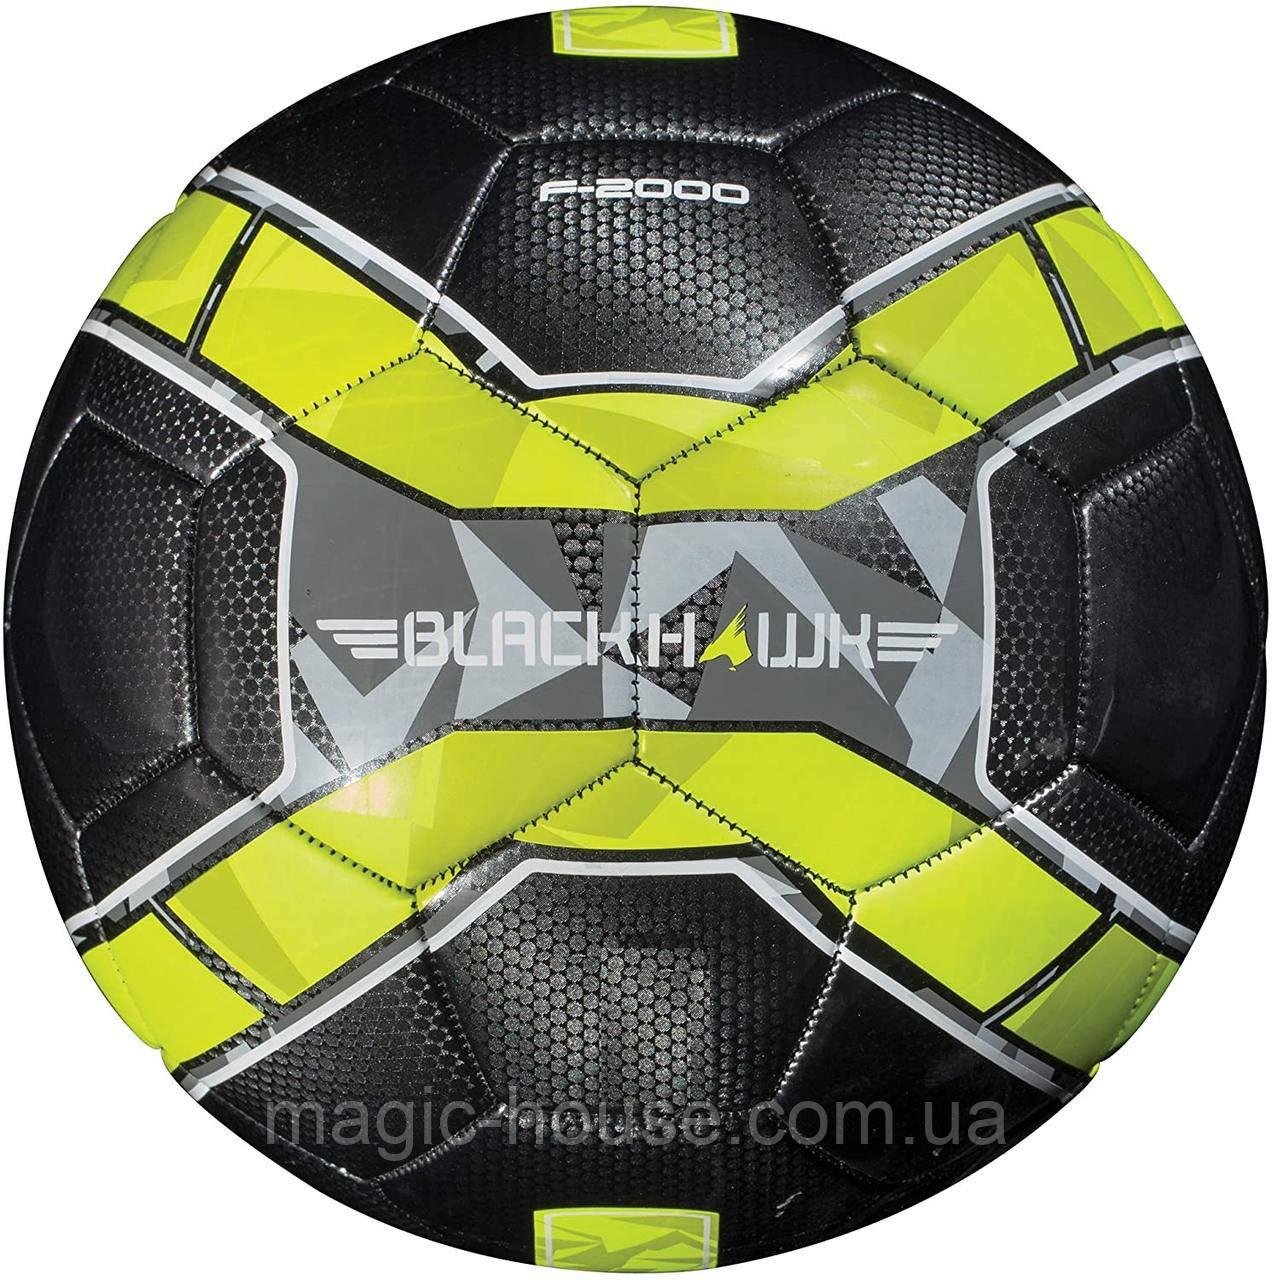 Мяч футбольный игровой Franklin Sports Blackhawk Soccer Ball размер 5